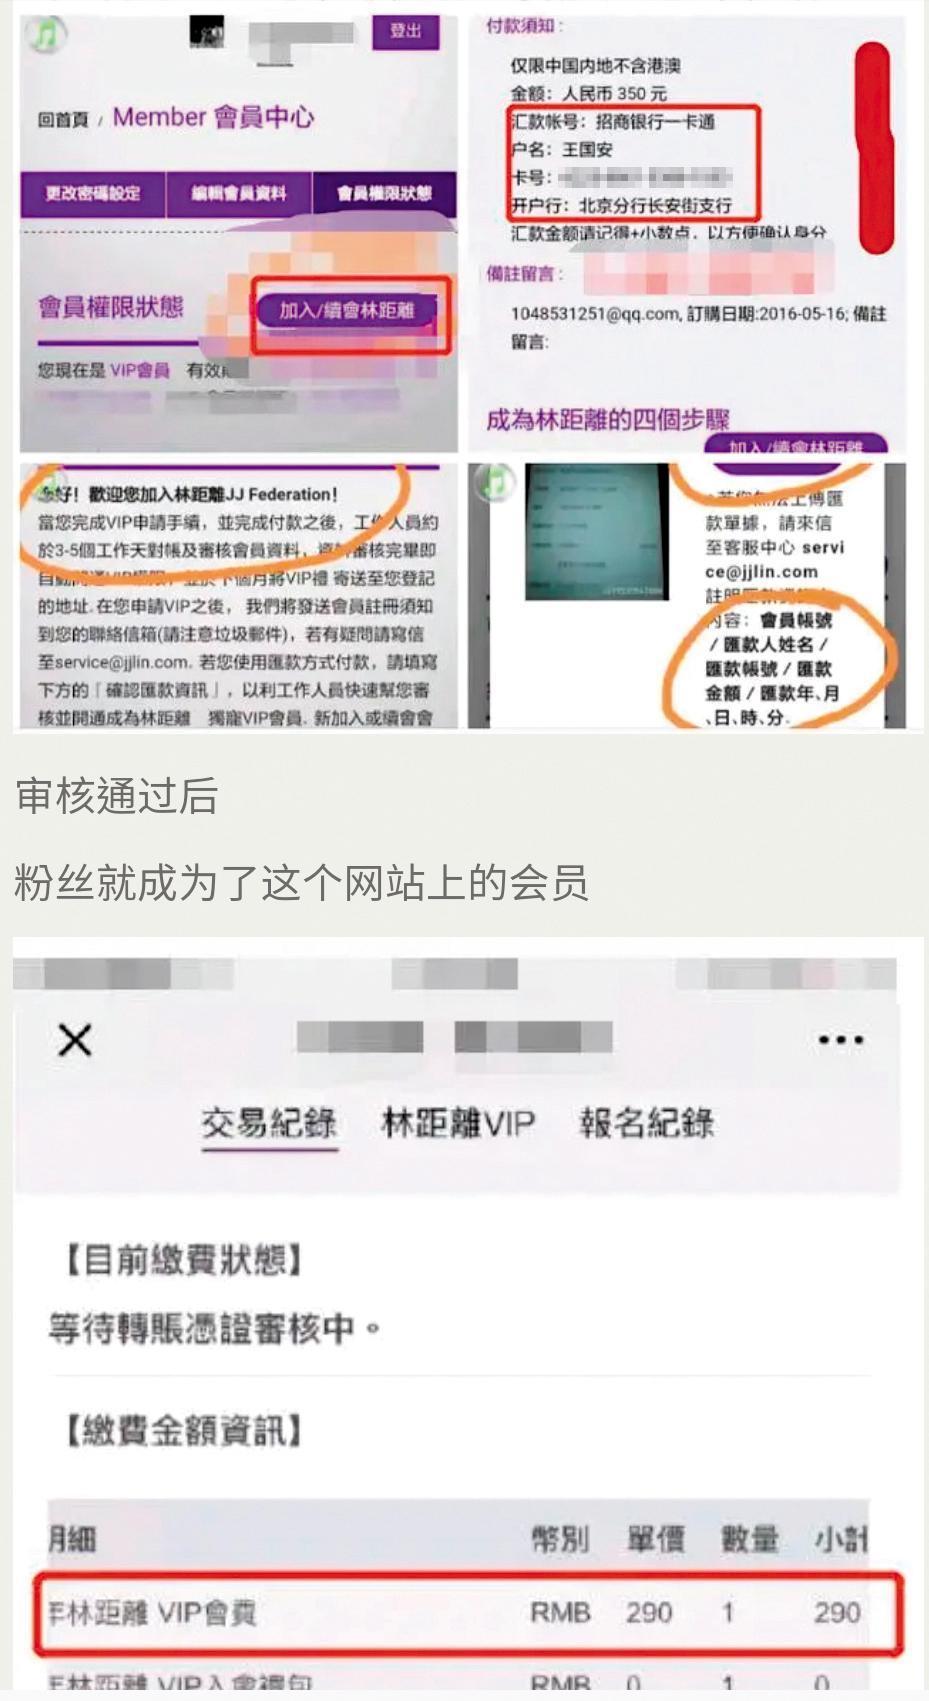 網友截圖加入「林距離」歌友會步驟,VIP要繳人民幣290元,款項匯入林俊傑執行經紀人王國安私人帳戶,引起爭議。(讀者提供)